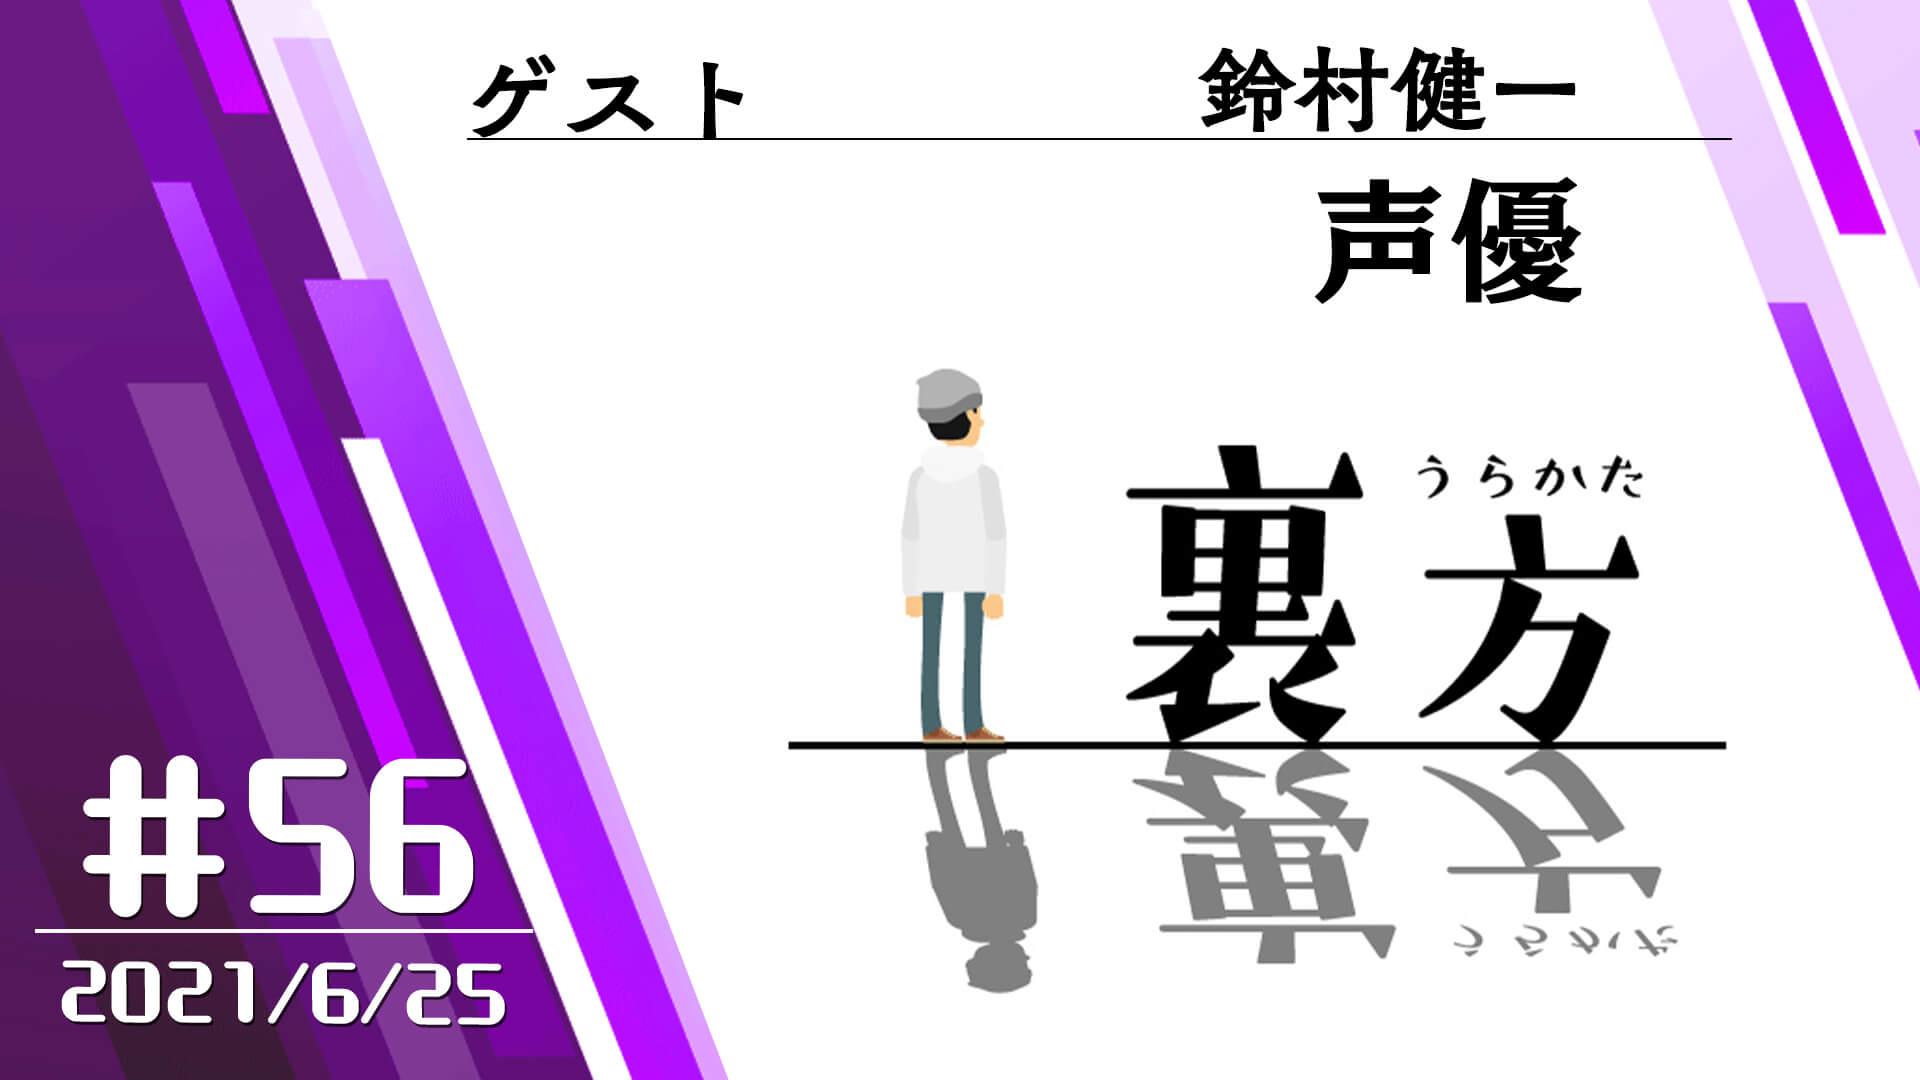 【ゲスト:声優 鈴村健一さん】文化放送超!A&G+ 「裏方」#56 (2021年6月25日放送分)